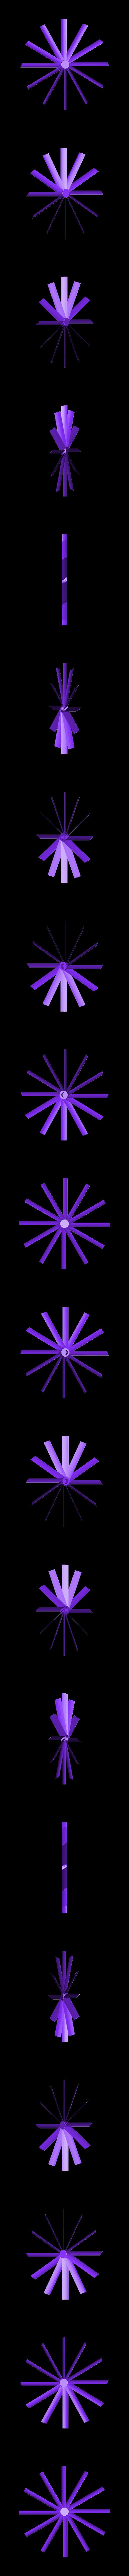 tail propeller.obj Télécharger fichier 3DS eurocopter • Plan pour impression 3D, saeedyouhannae